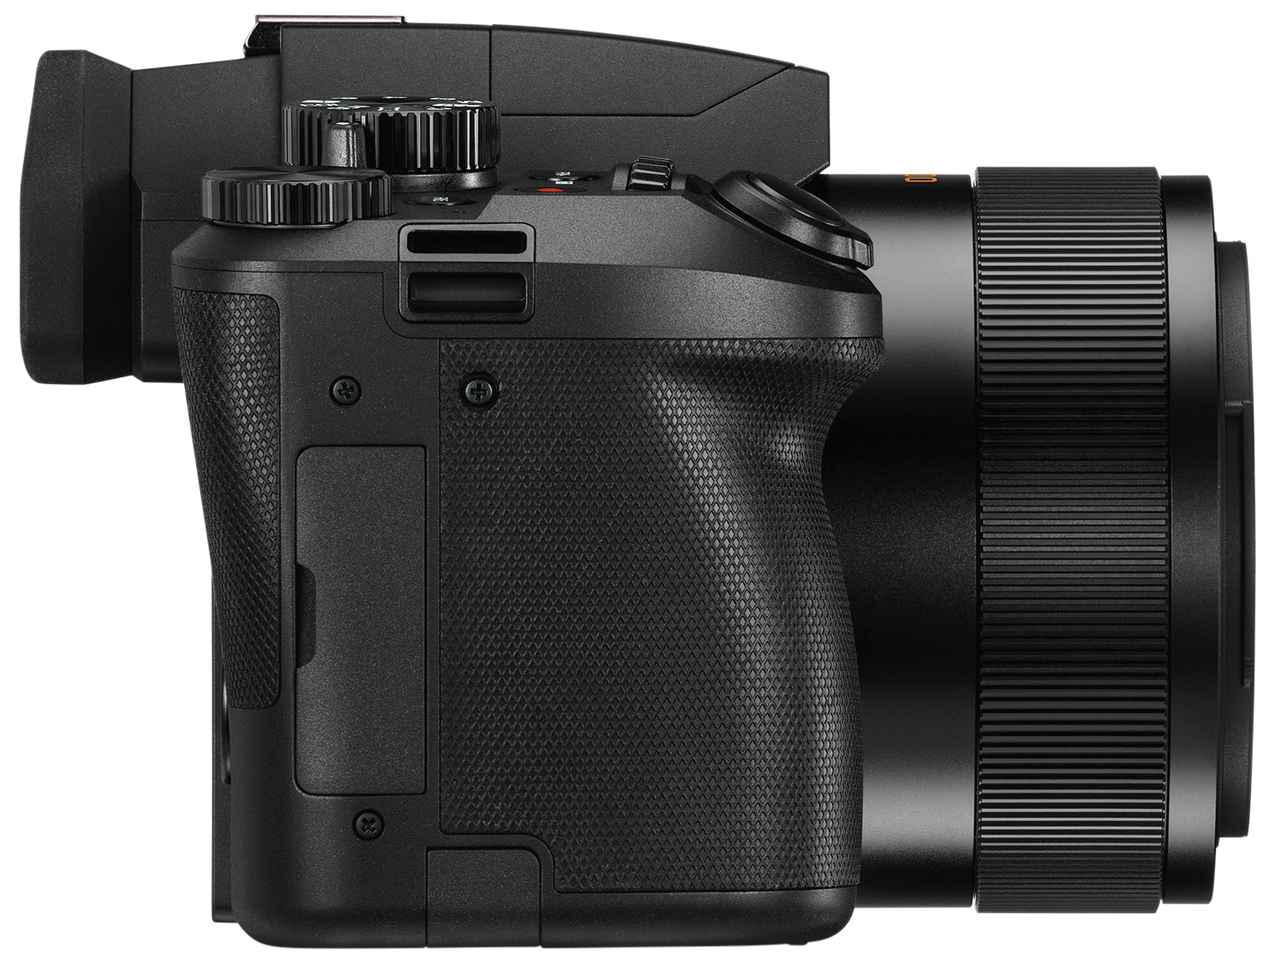 画像6: 光学16倍ズーム搭載のコンパクトデジタルカメラ ライカ V-LUX 5